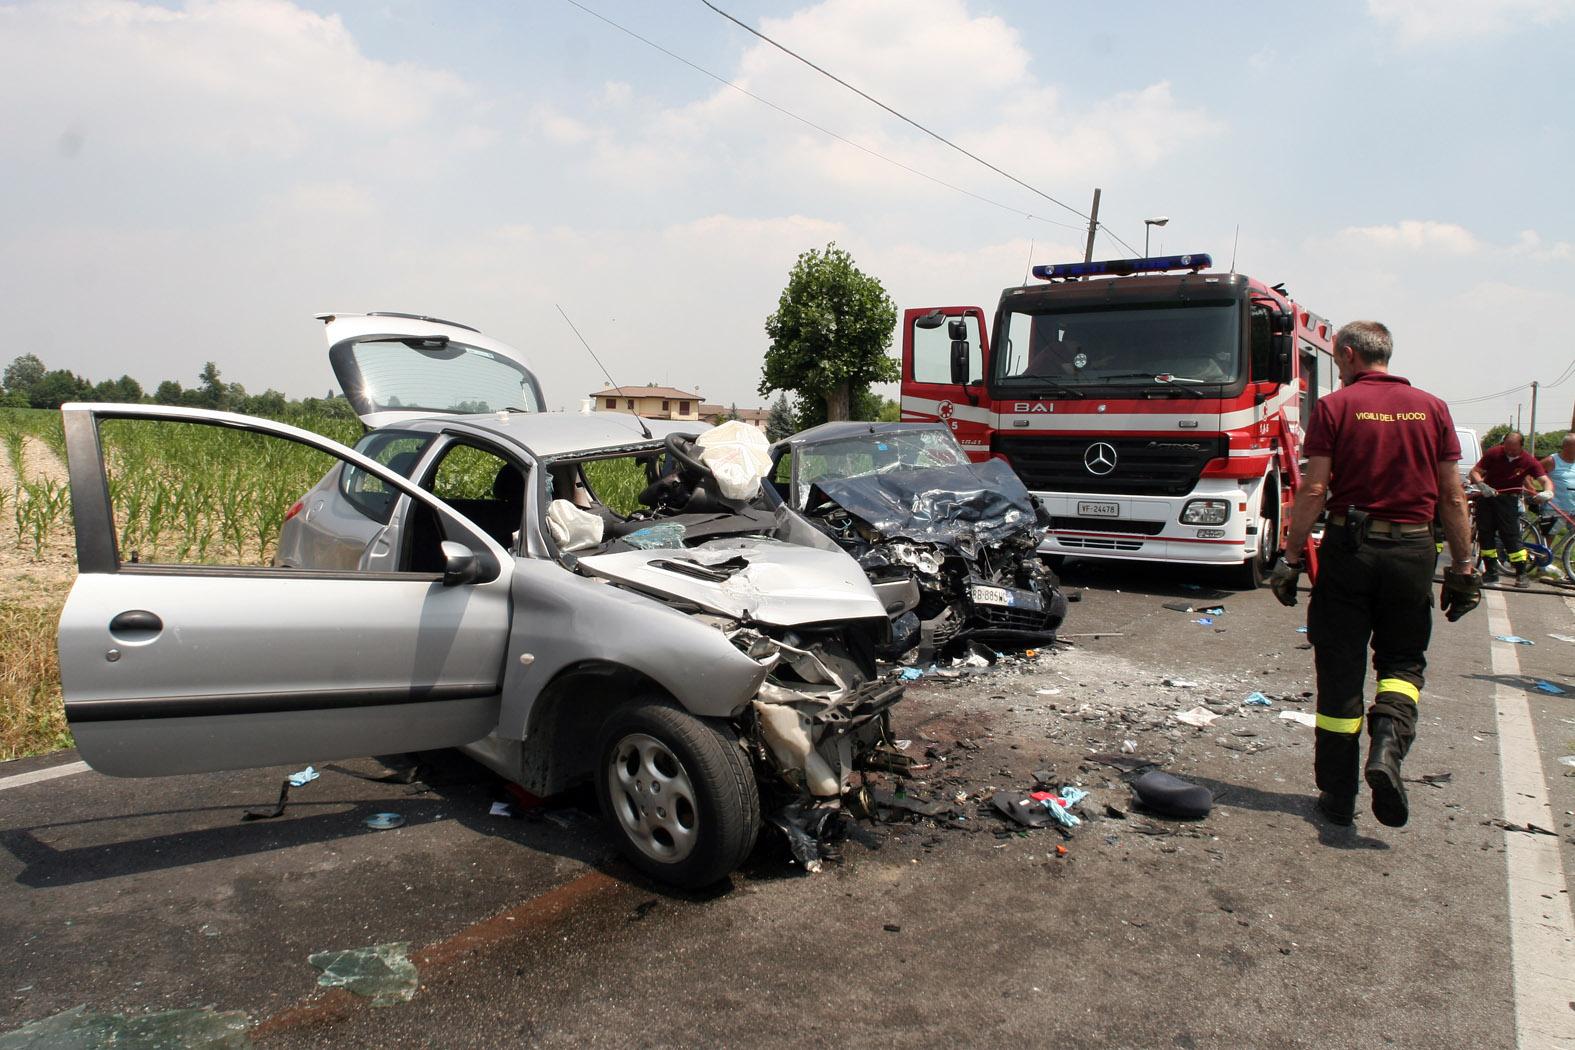 Incidenti stradali: più 20enni tra scontri mortali